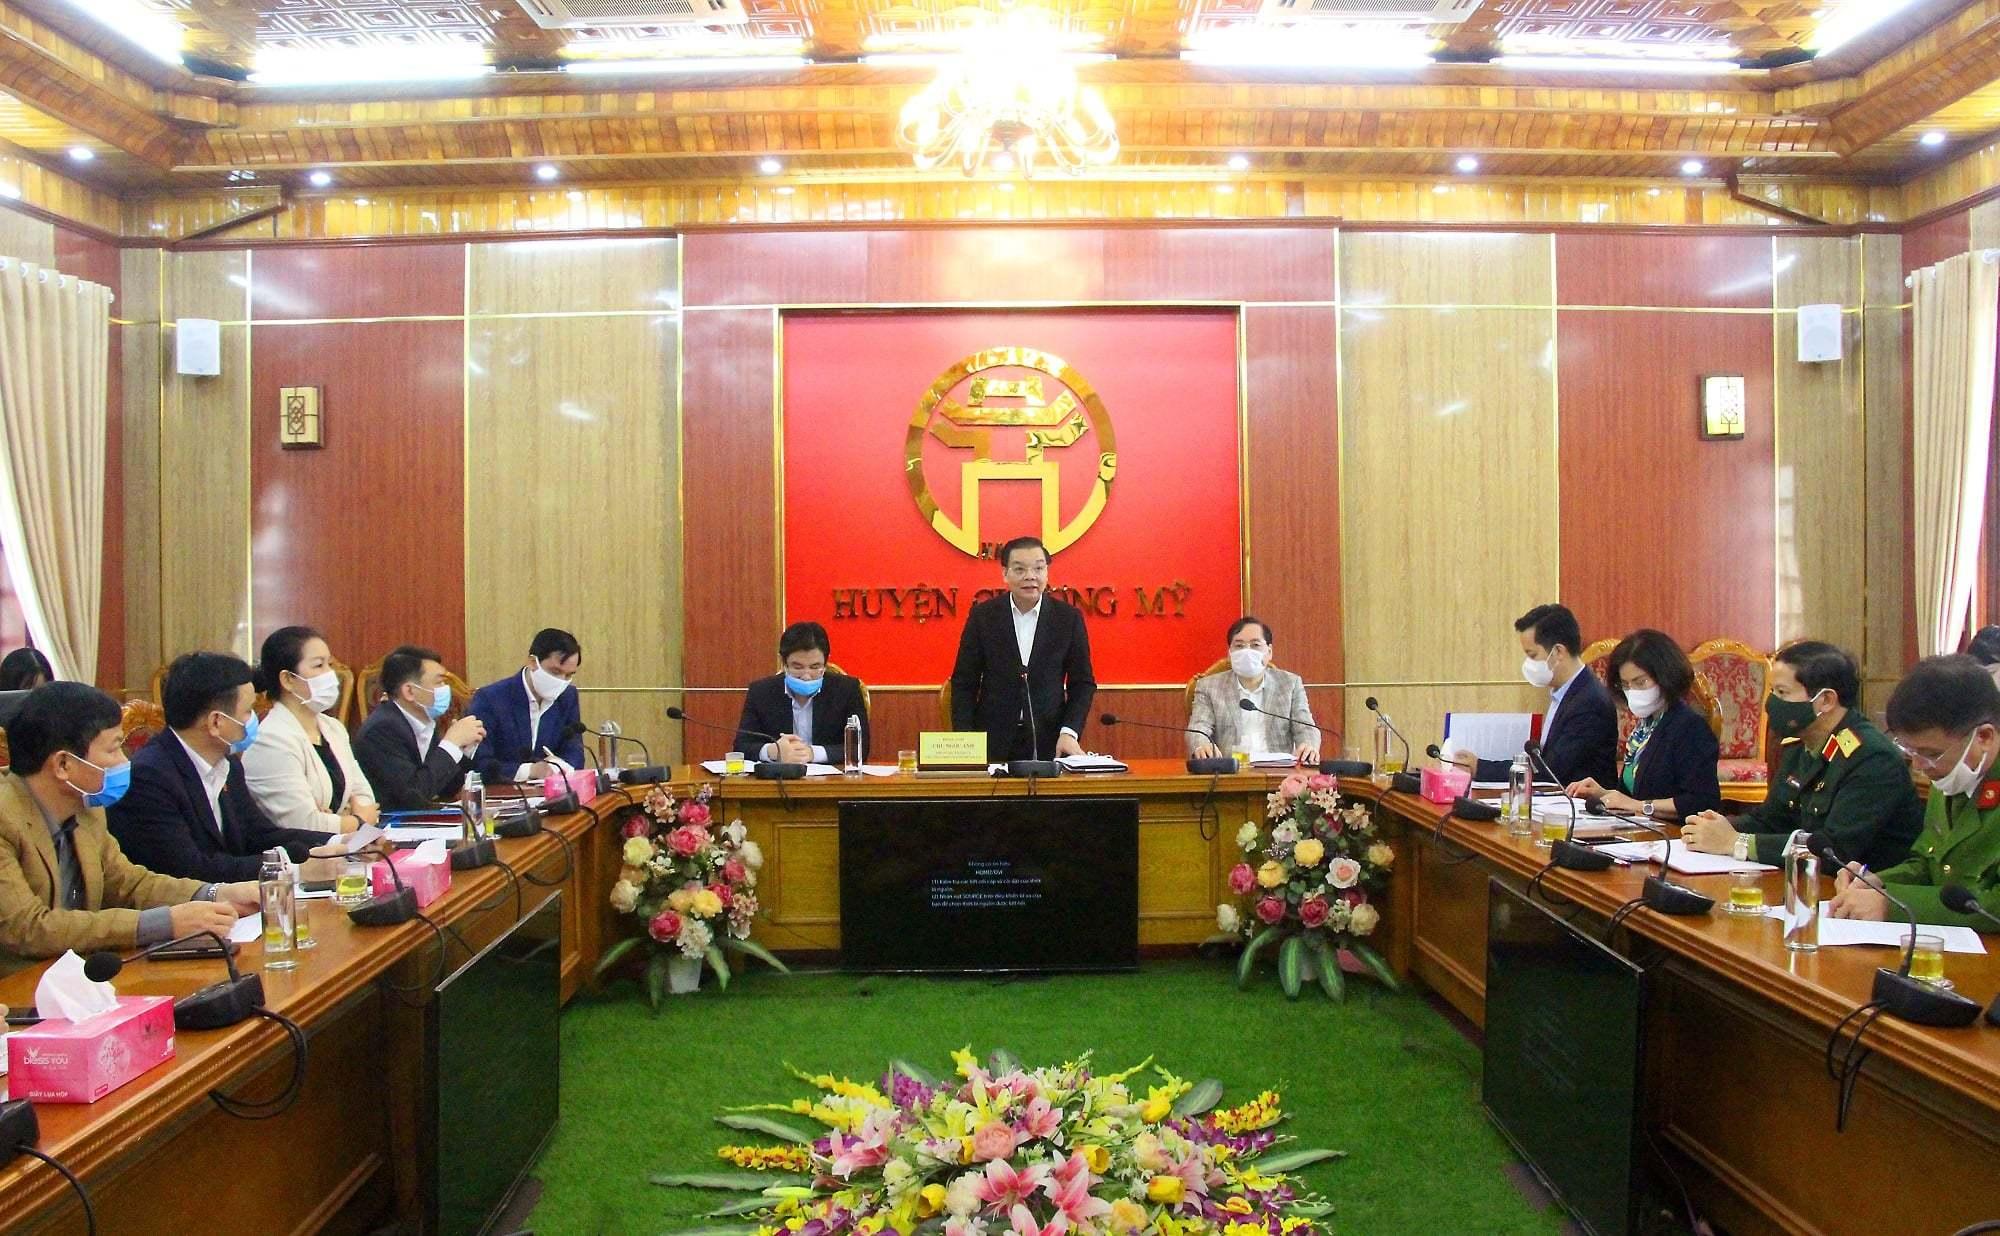 Chủ tịch TP Hà Nội thị sát, yêu cầu giám sát chặt F1, F2